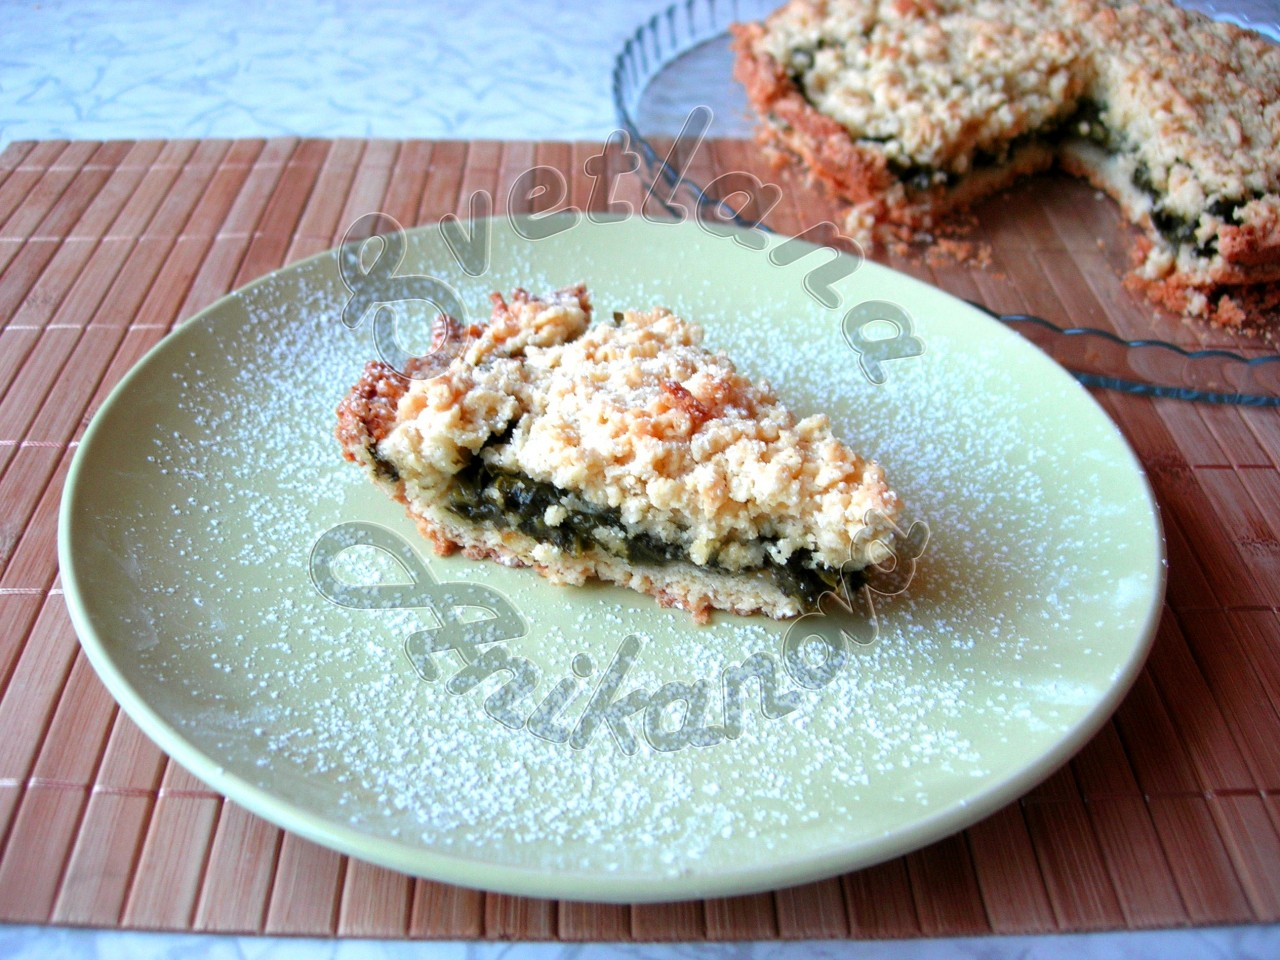 Щавелевый пирог. Очень вкусный и простой рецепт приготовления пирога со щавелем!